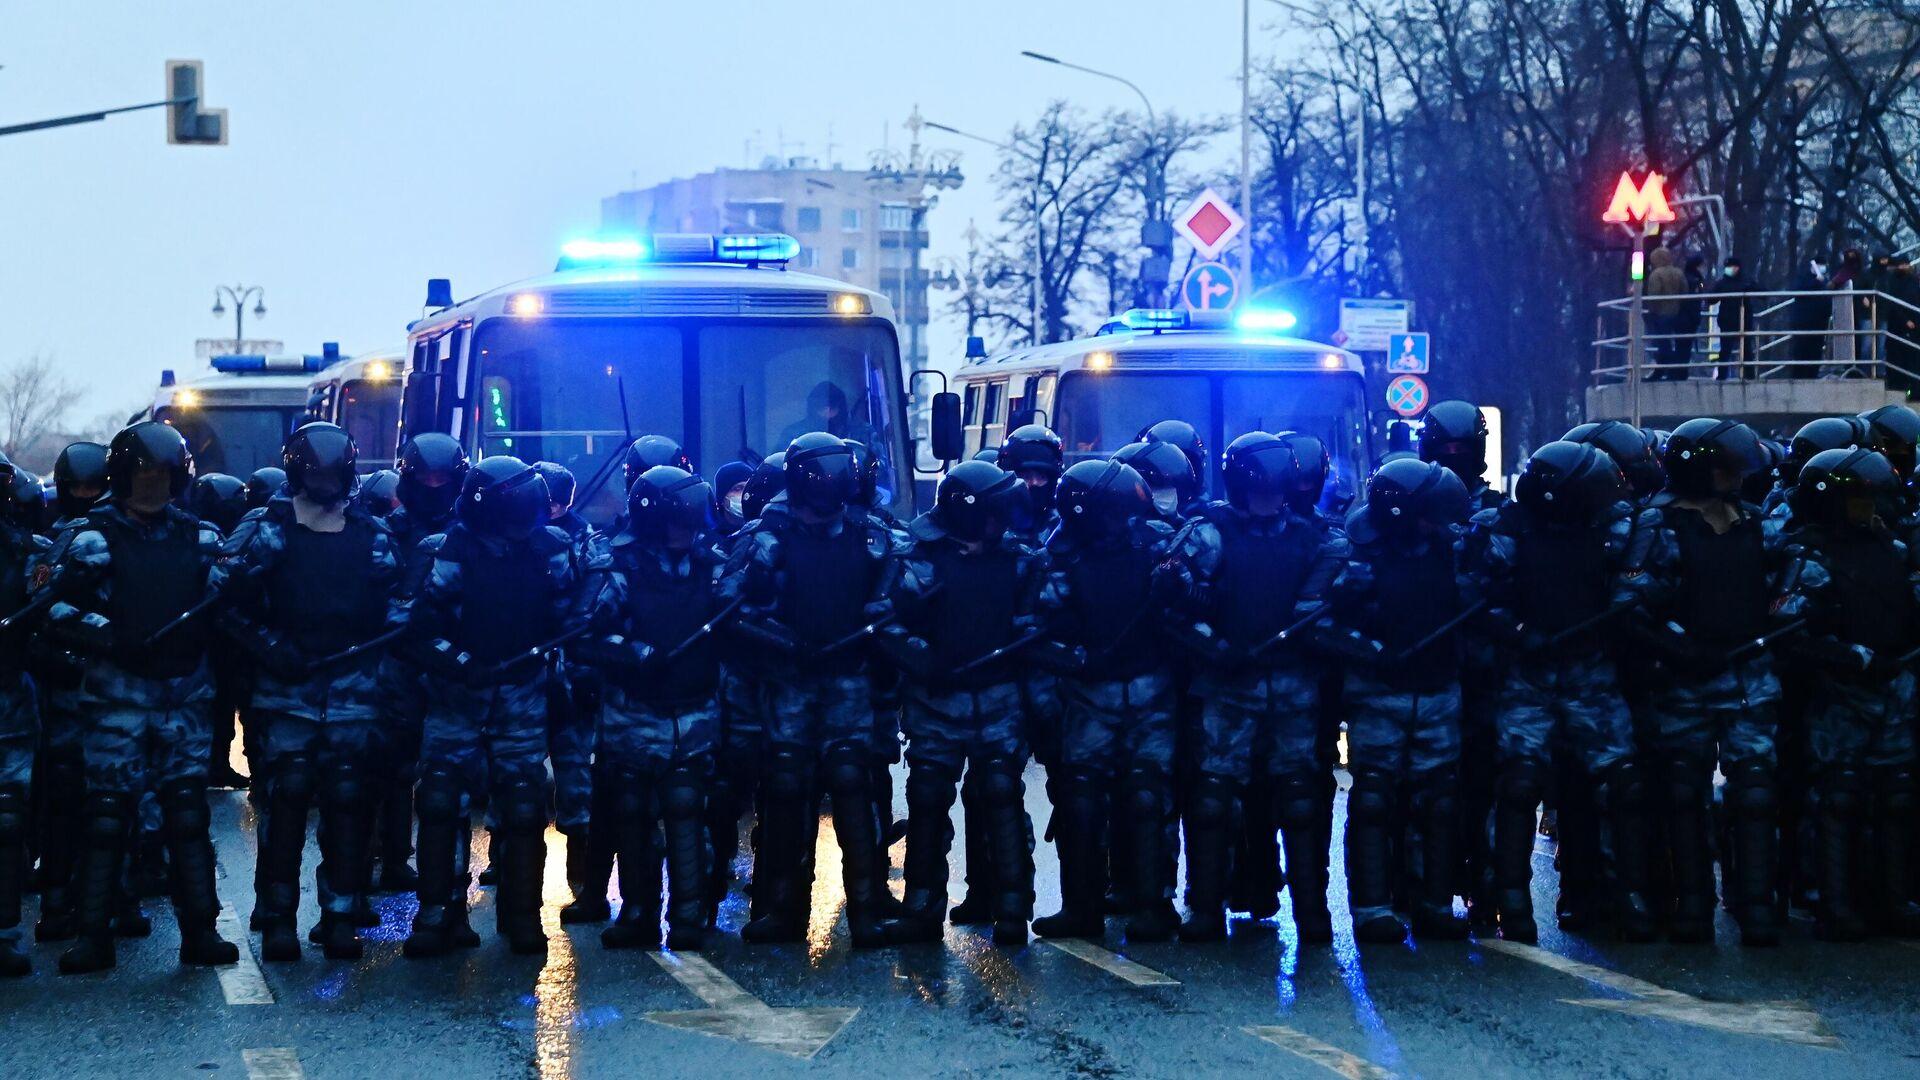 Сотрудники правоохранительных органов на Страстном бульваре во время несанкционированной акции сторонников Алексея Навального в Москве - РИА Новости, 1920, 27.01.2021